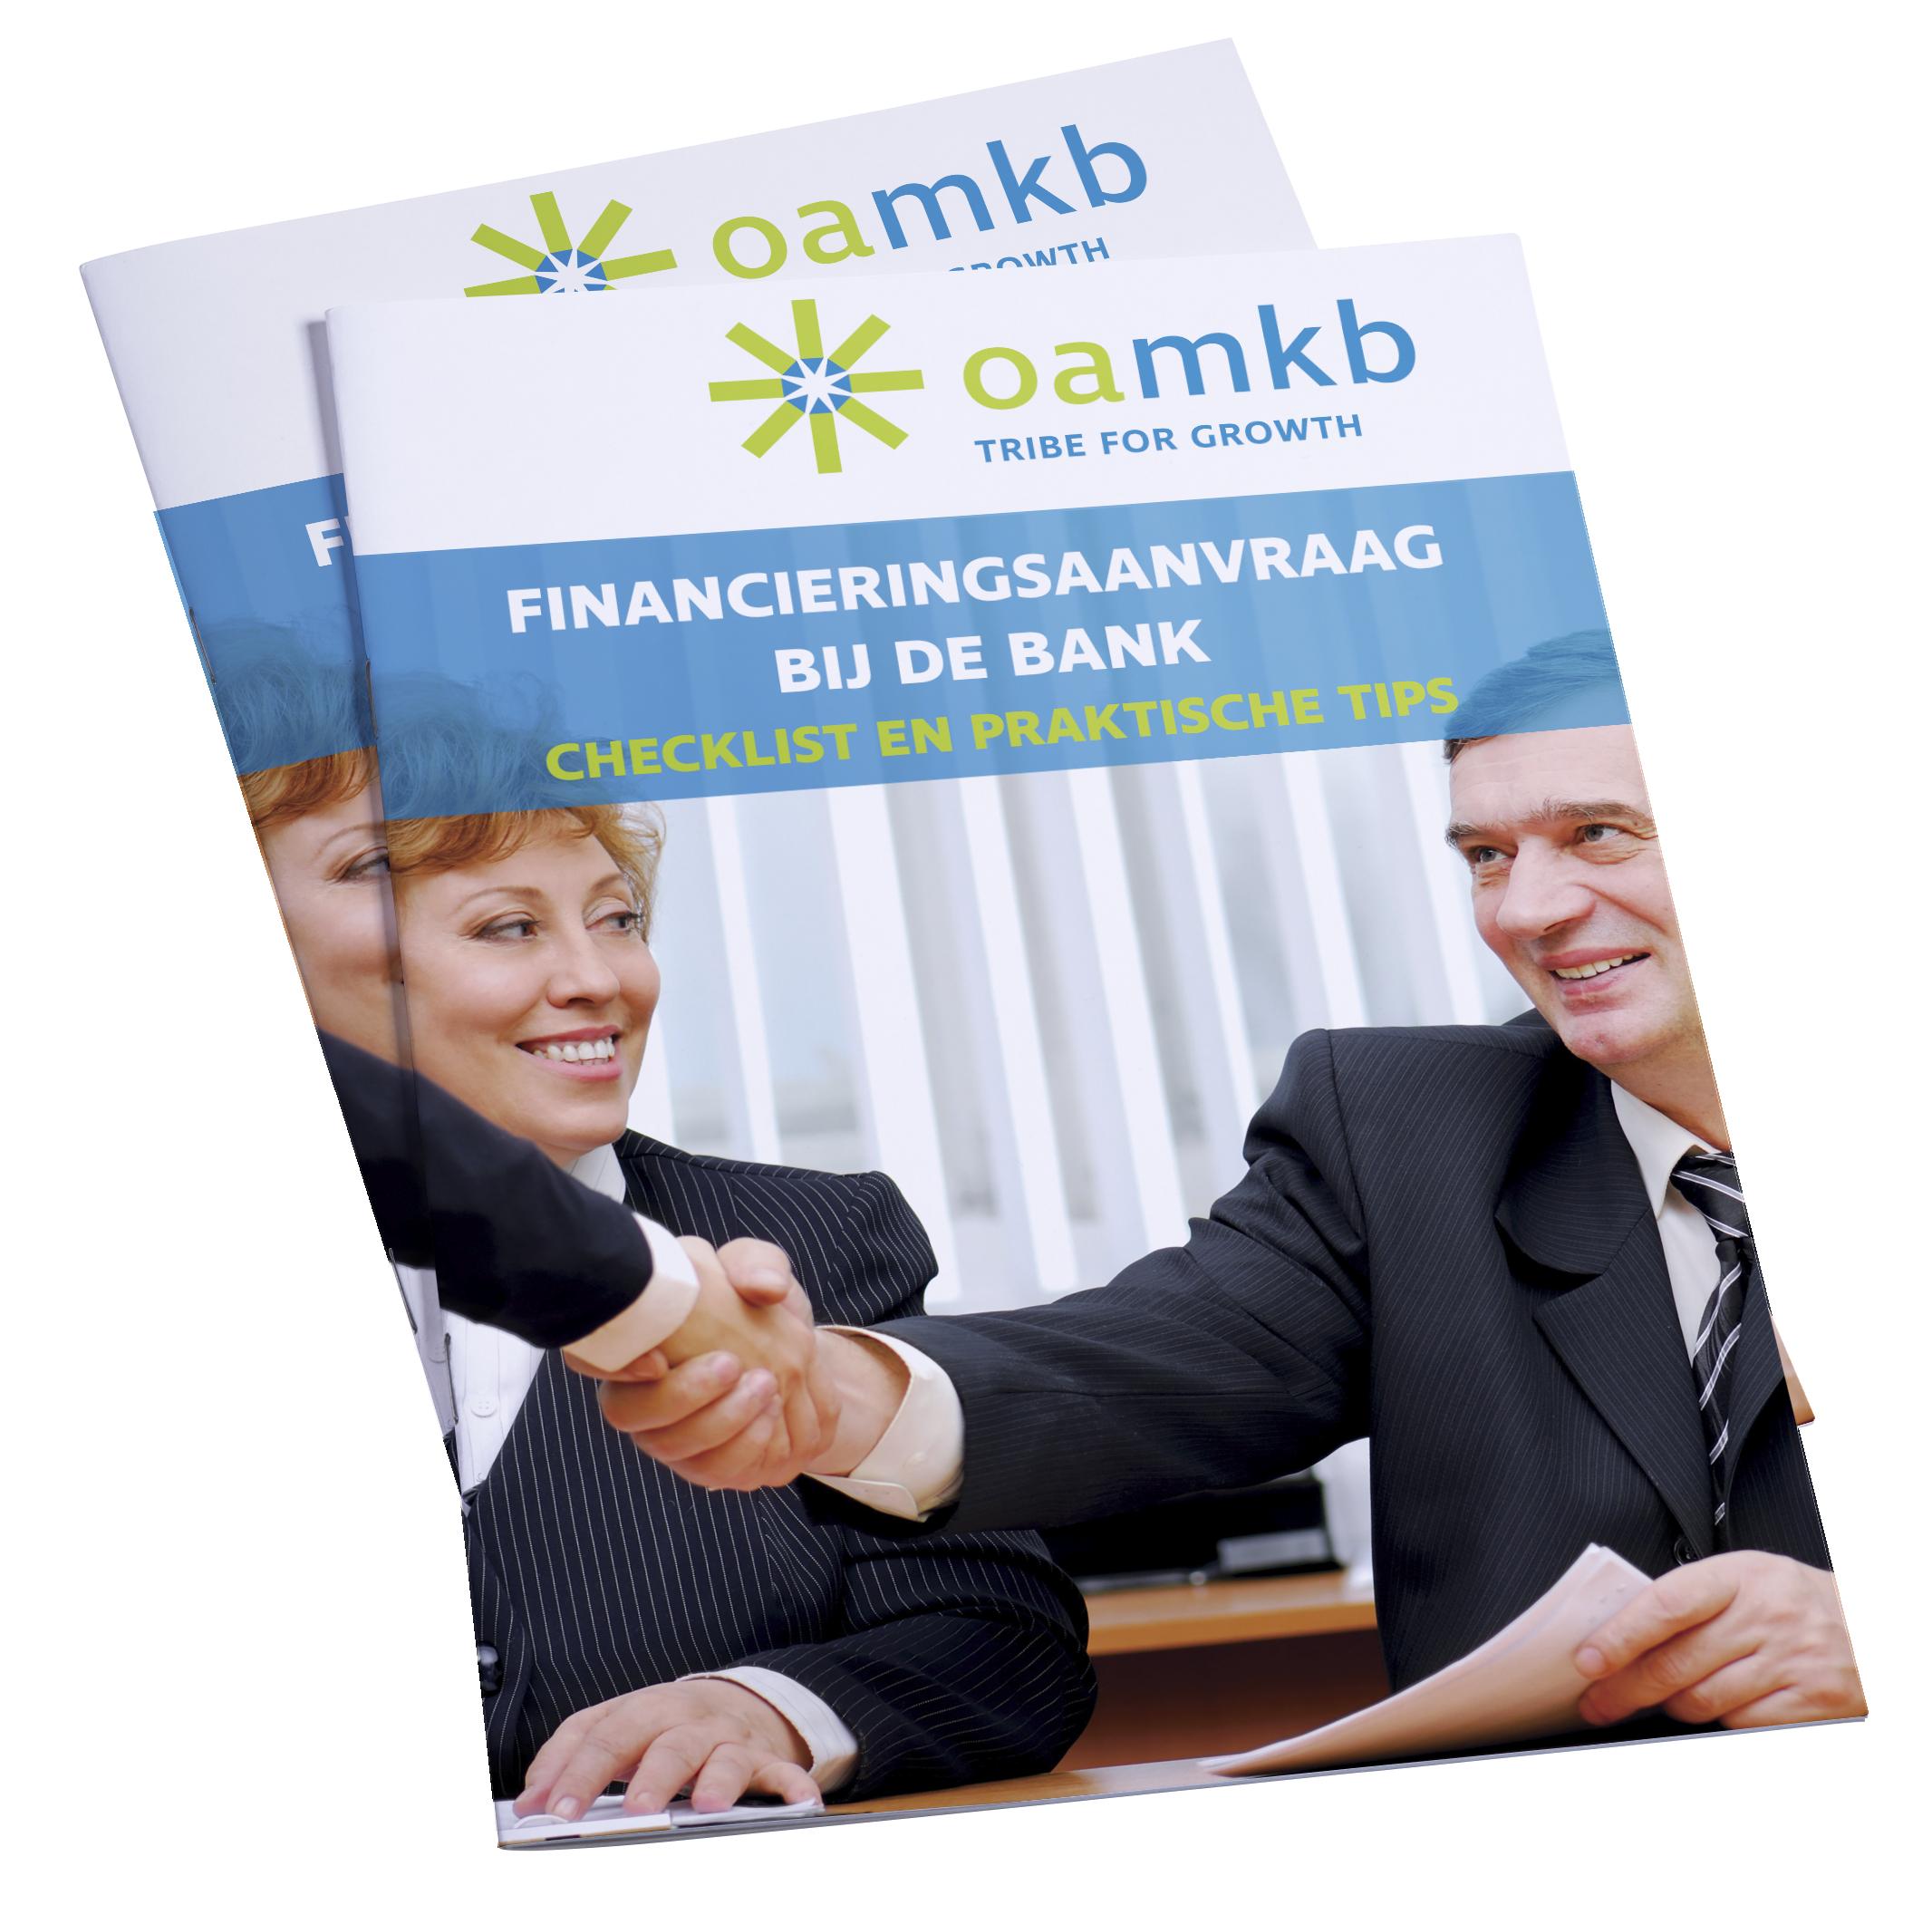 financieringsaanvraag-bij-de-bank